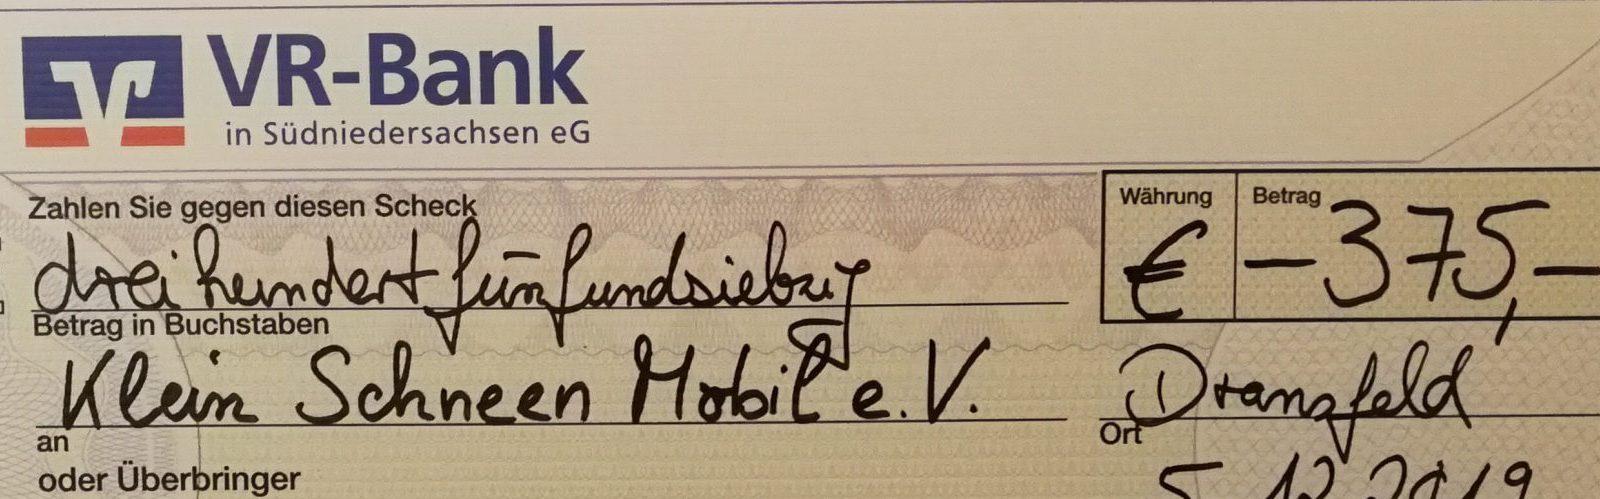 Preisgeld beim VR-Jubi Contest 2019: Scheck über 375 Euro für den Klein Schneen Mobil e.V.